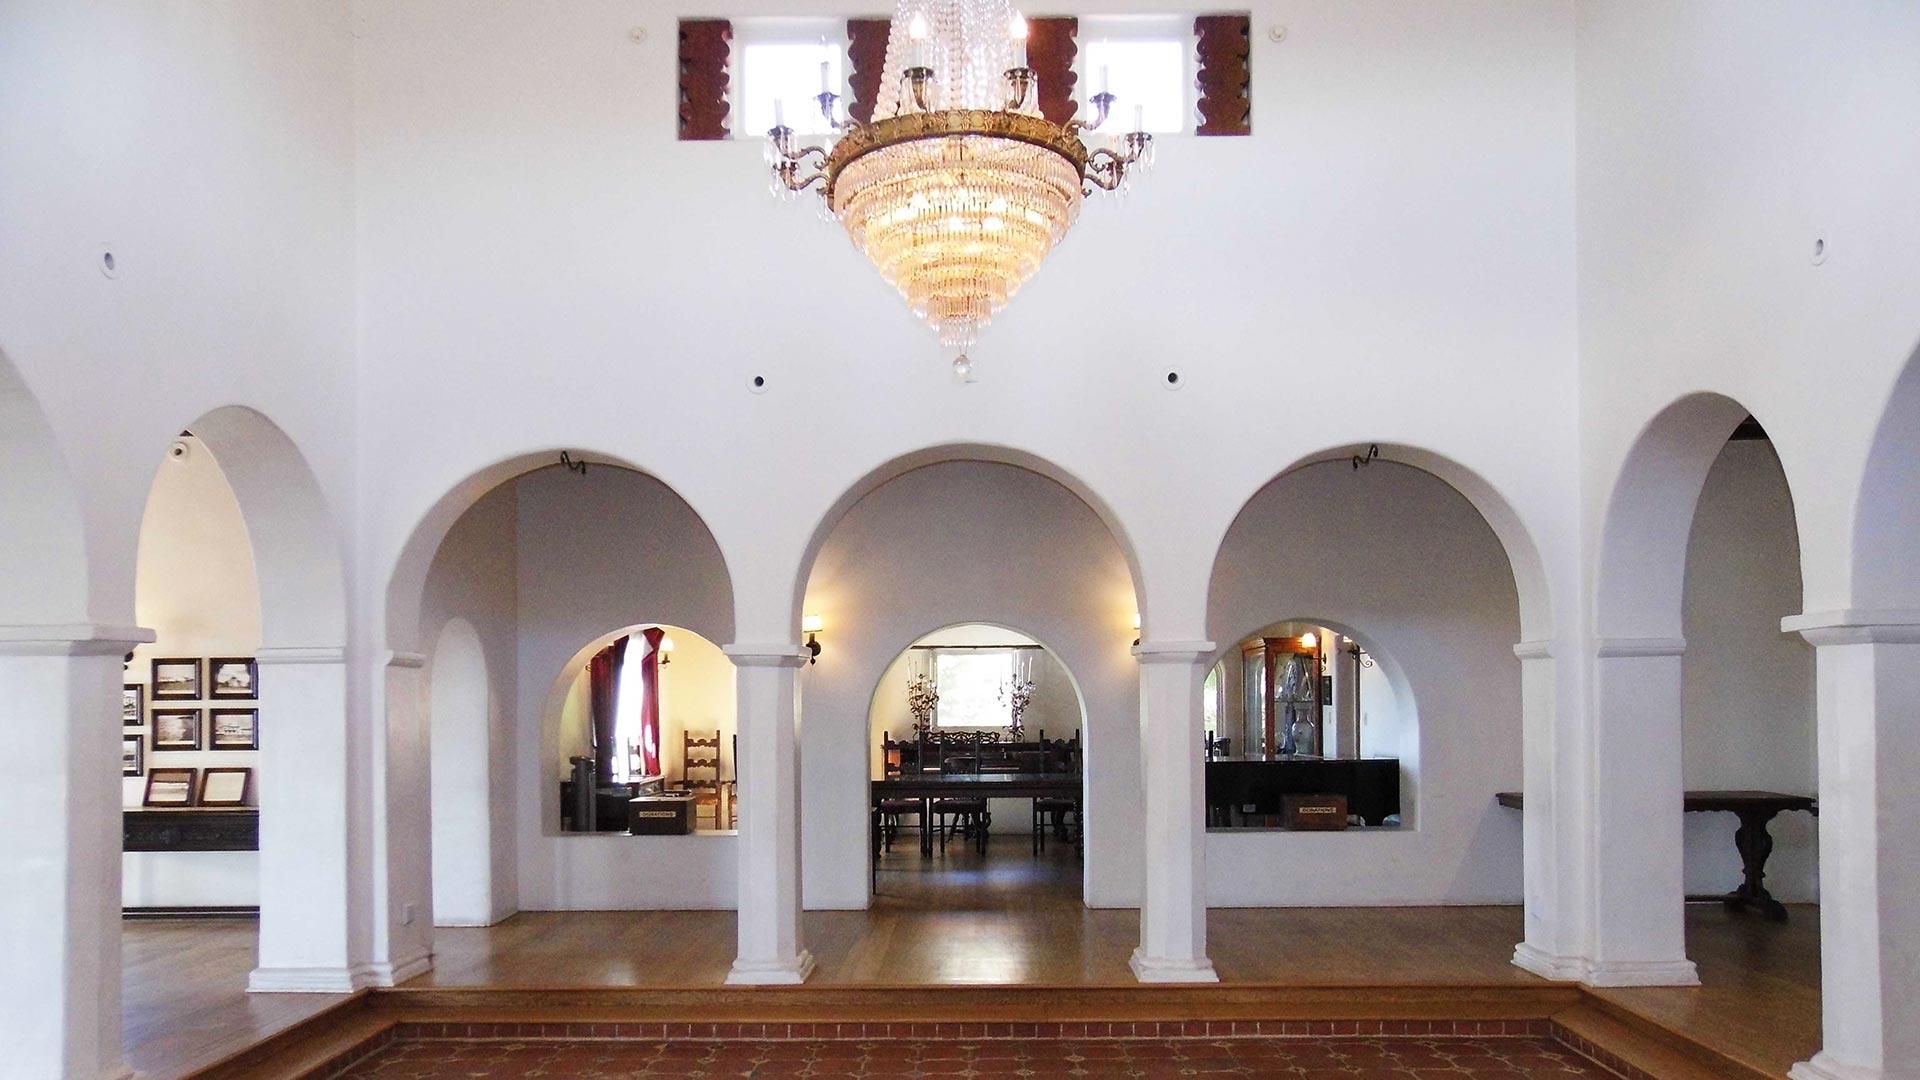 Arches adorn the interior of the Casa Romantica Cultural Center.